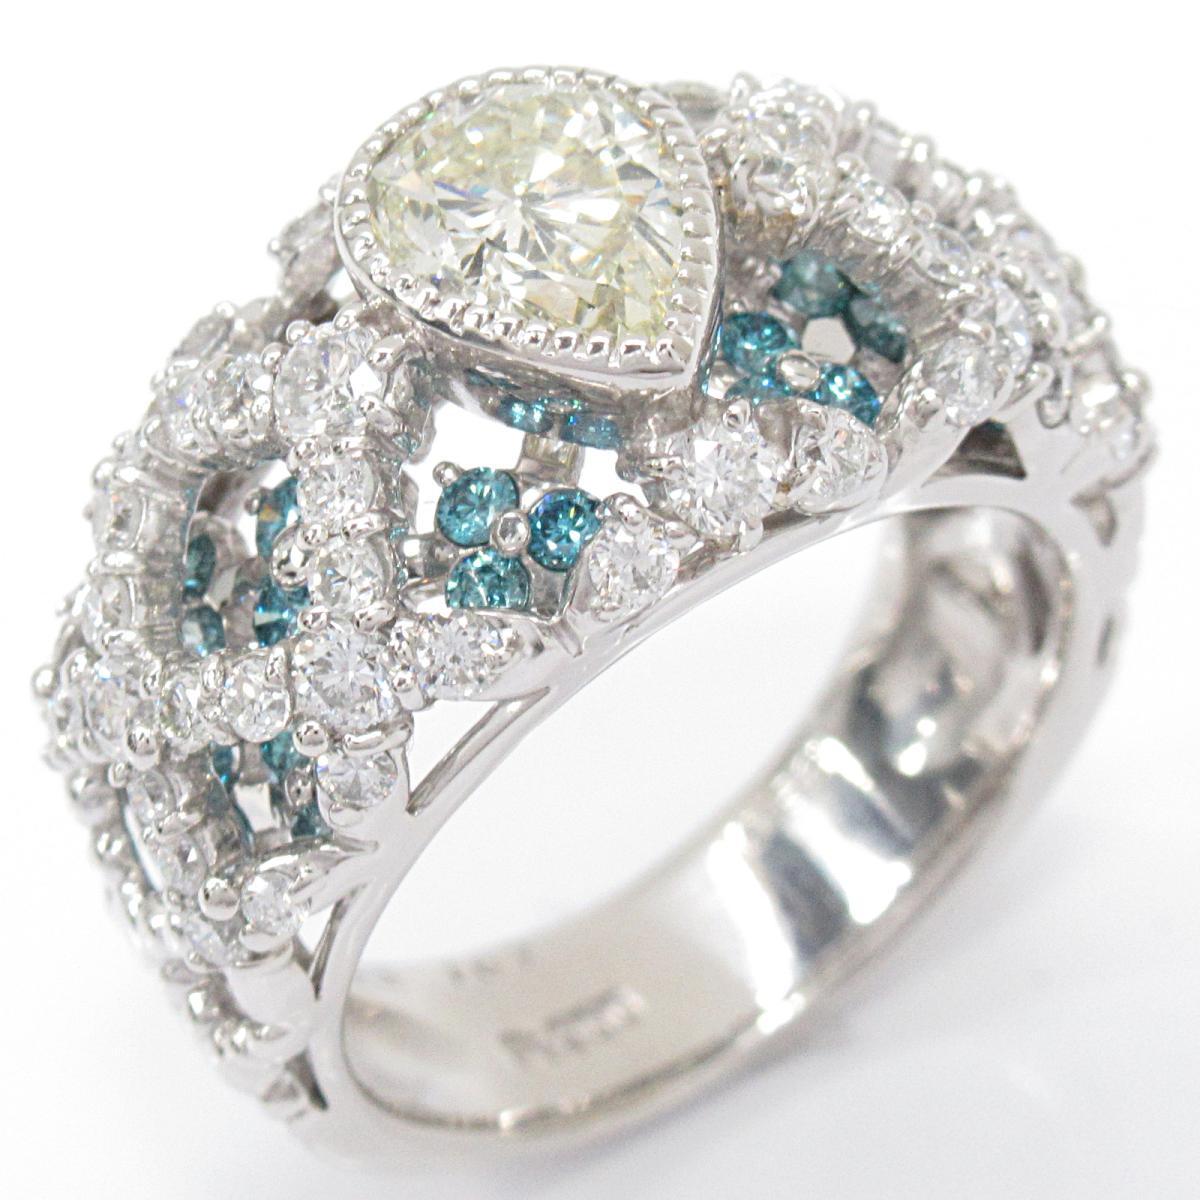 【中古】ジュエリー ダイヤモンドリング 指輪 レディース PT900 プラチナ x ダイヤモンド (1.043/1.07/0.63ct) | JEWELRY BRANDOFF ブランドオフ ブランド ジュエリー アクセサリー リング